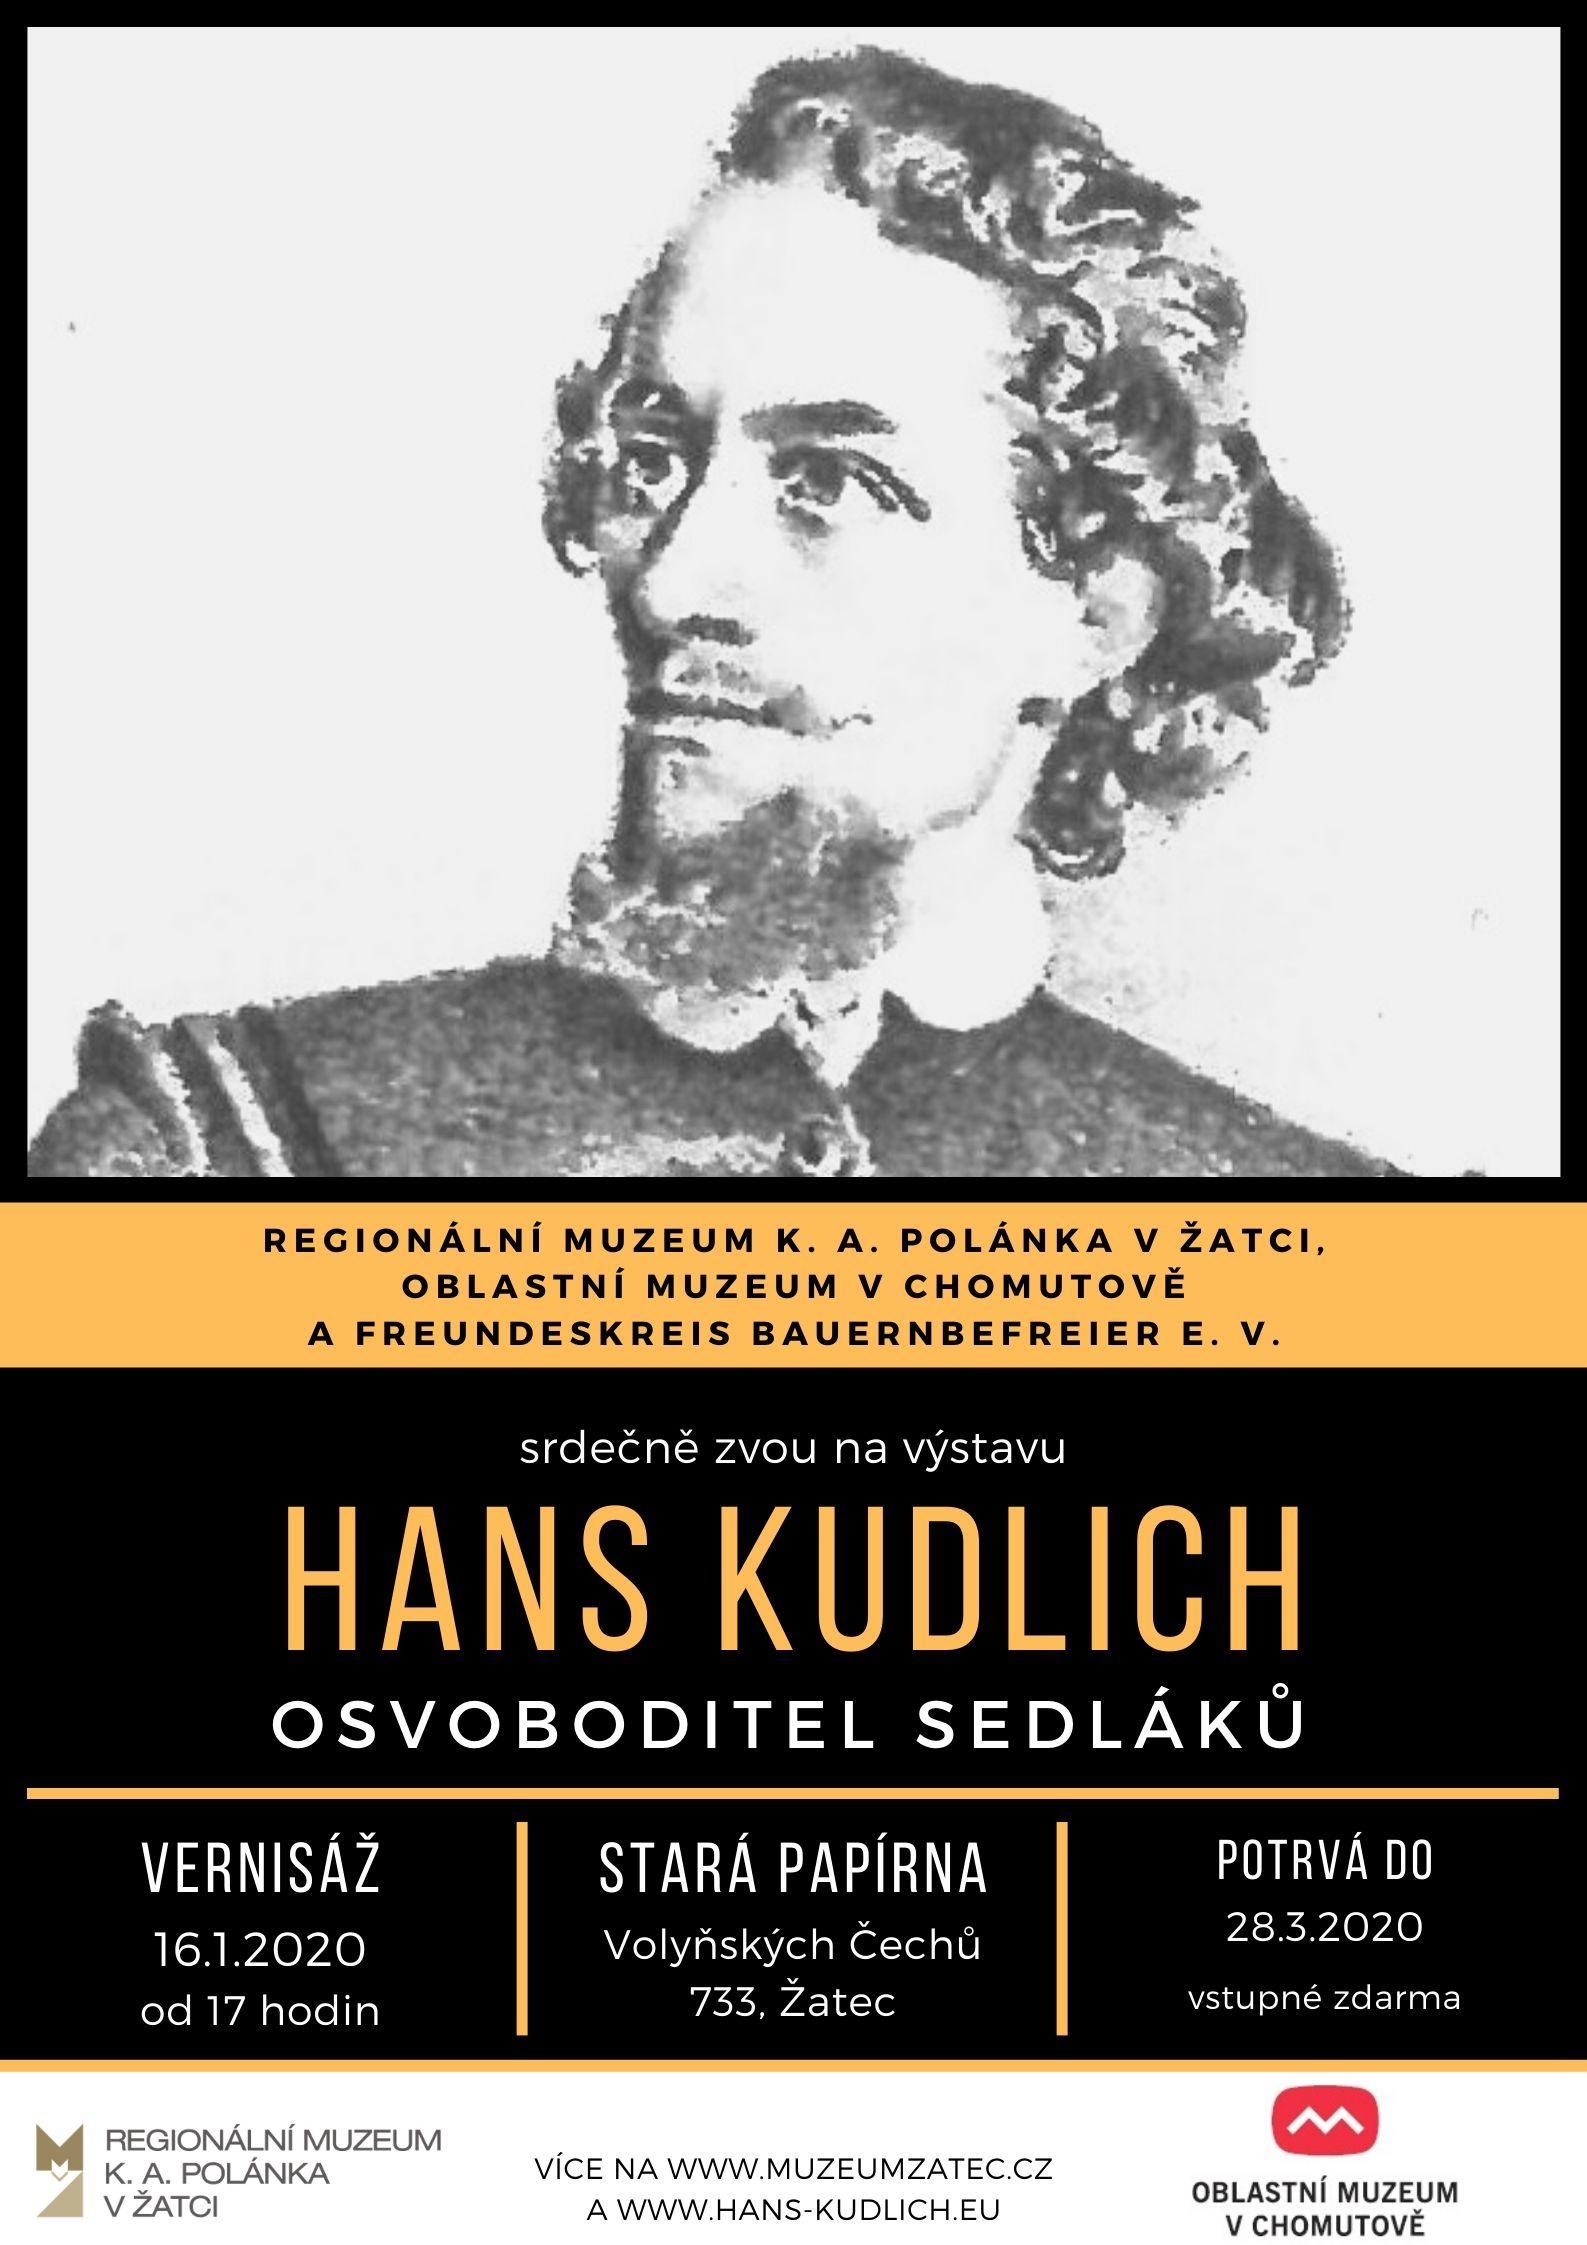 plakát H. Kudlich